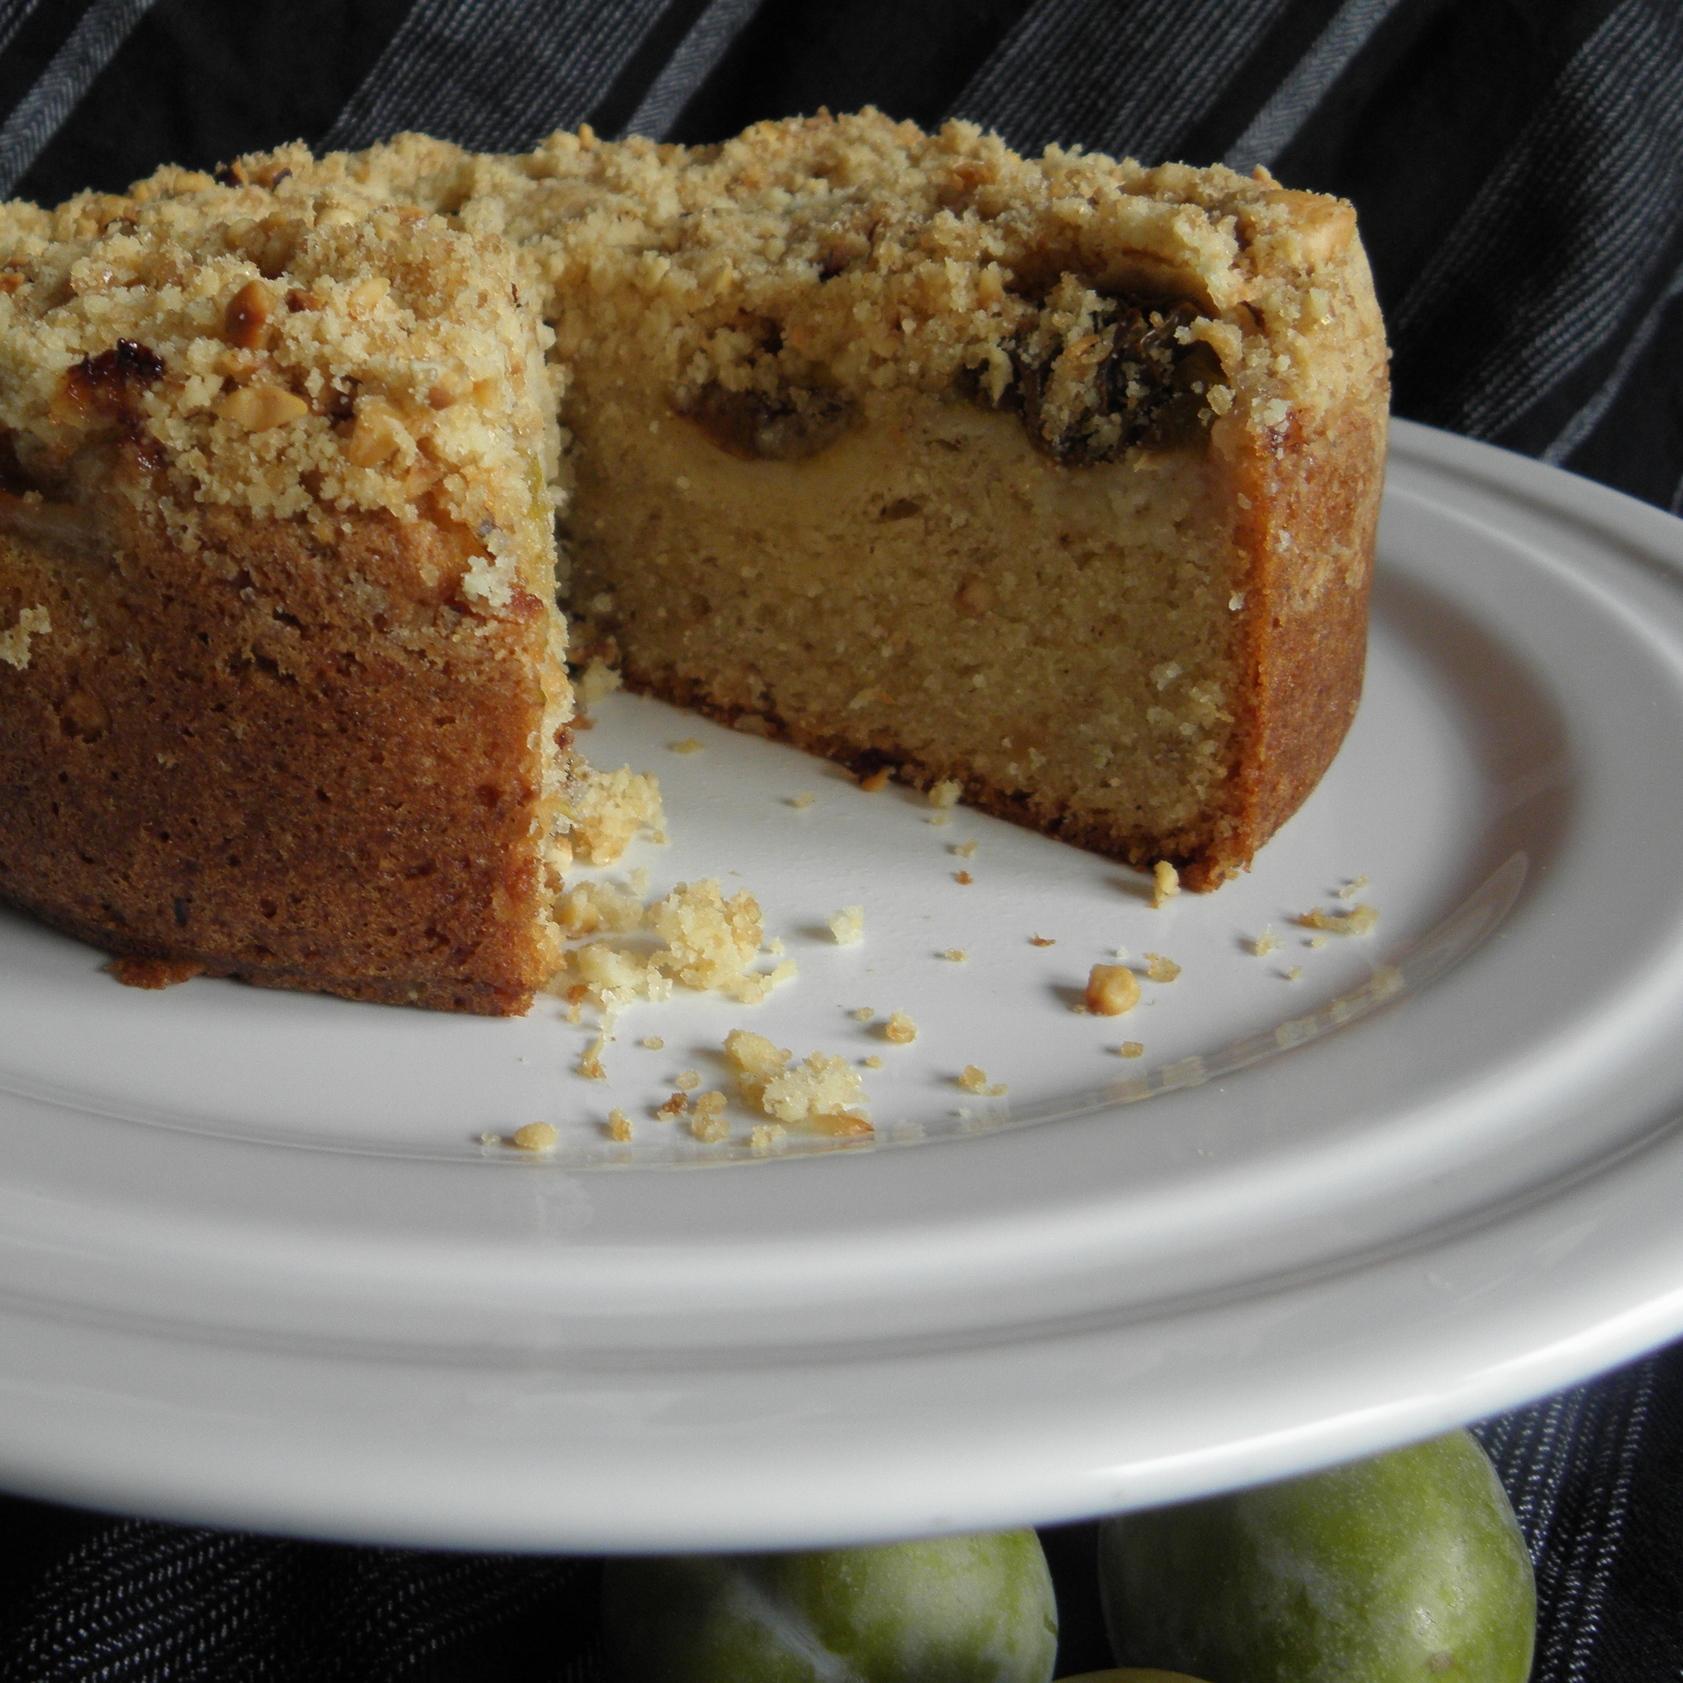 Hazelnut and greengage crumble cake